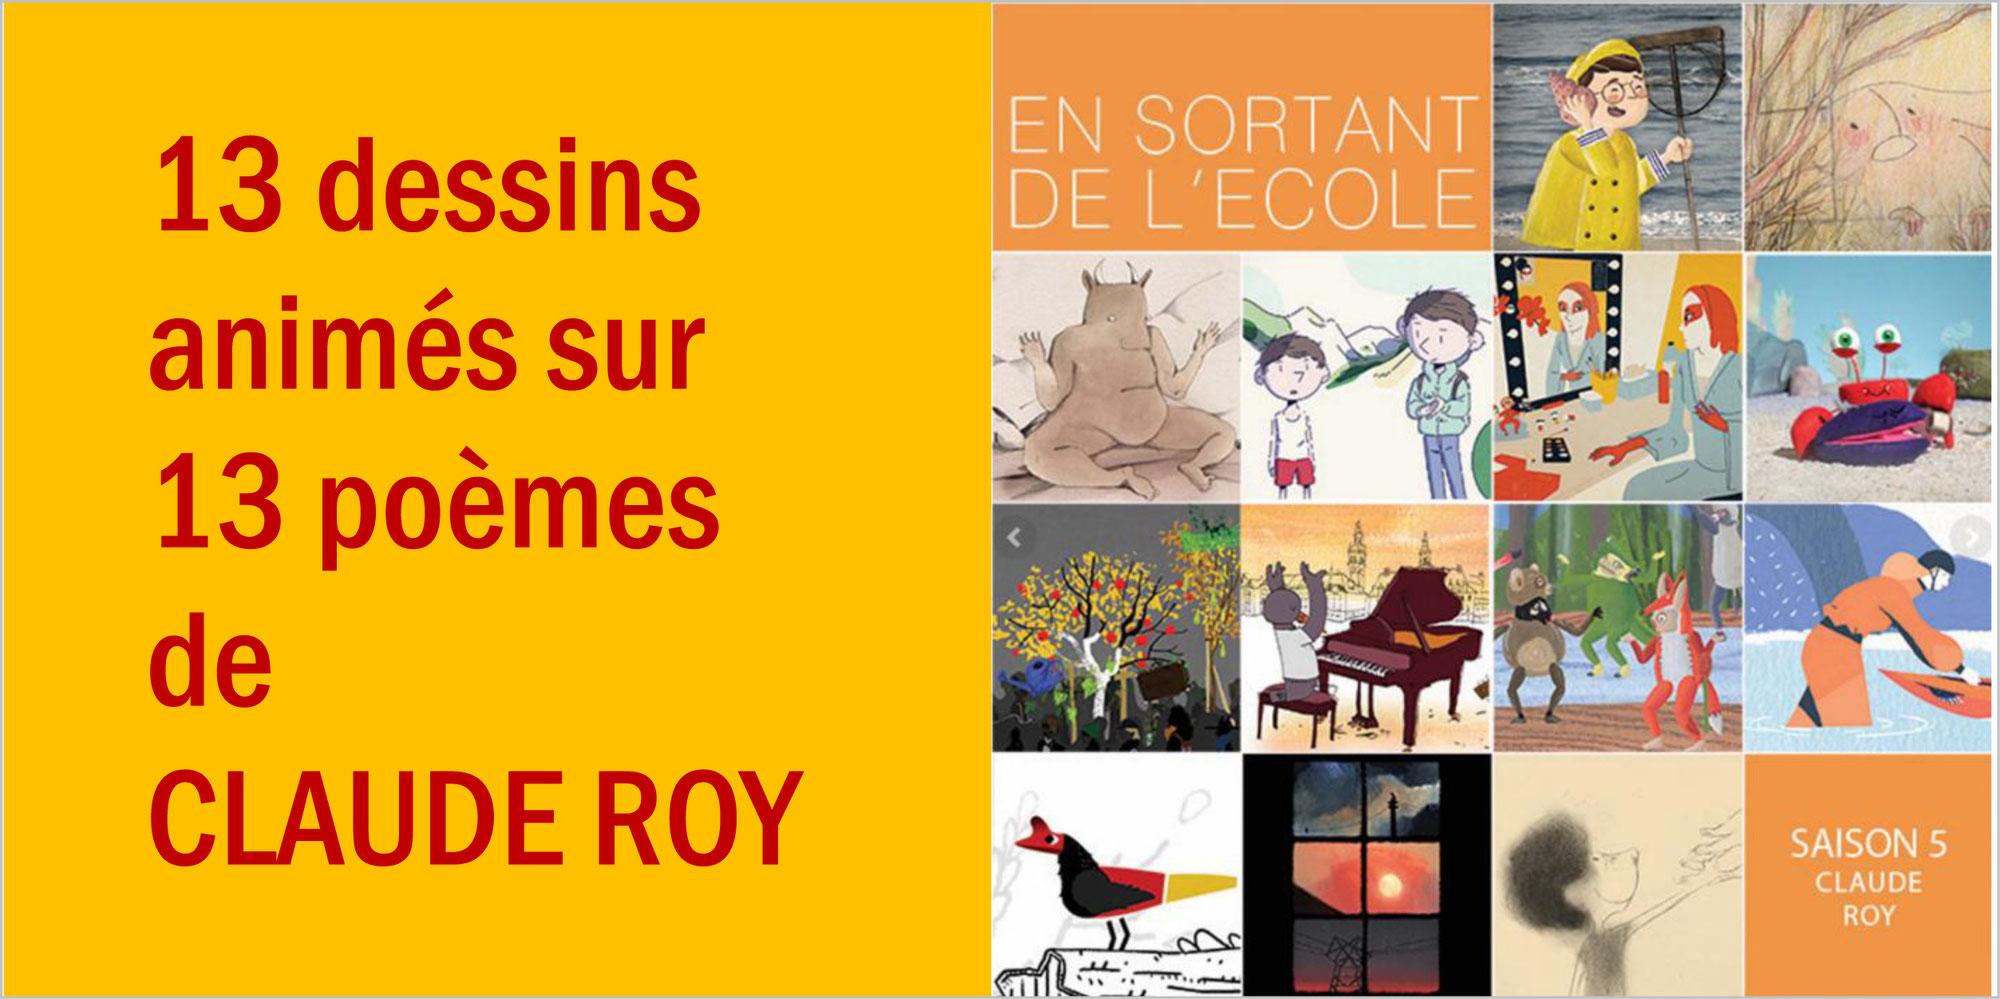 """""""En sortant de l'école"""": 13 dessins animés sur les poèmes de CLAUDE ROY"""